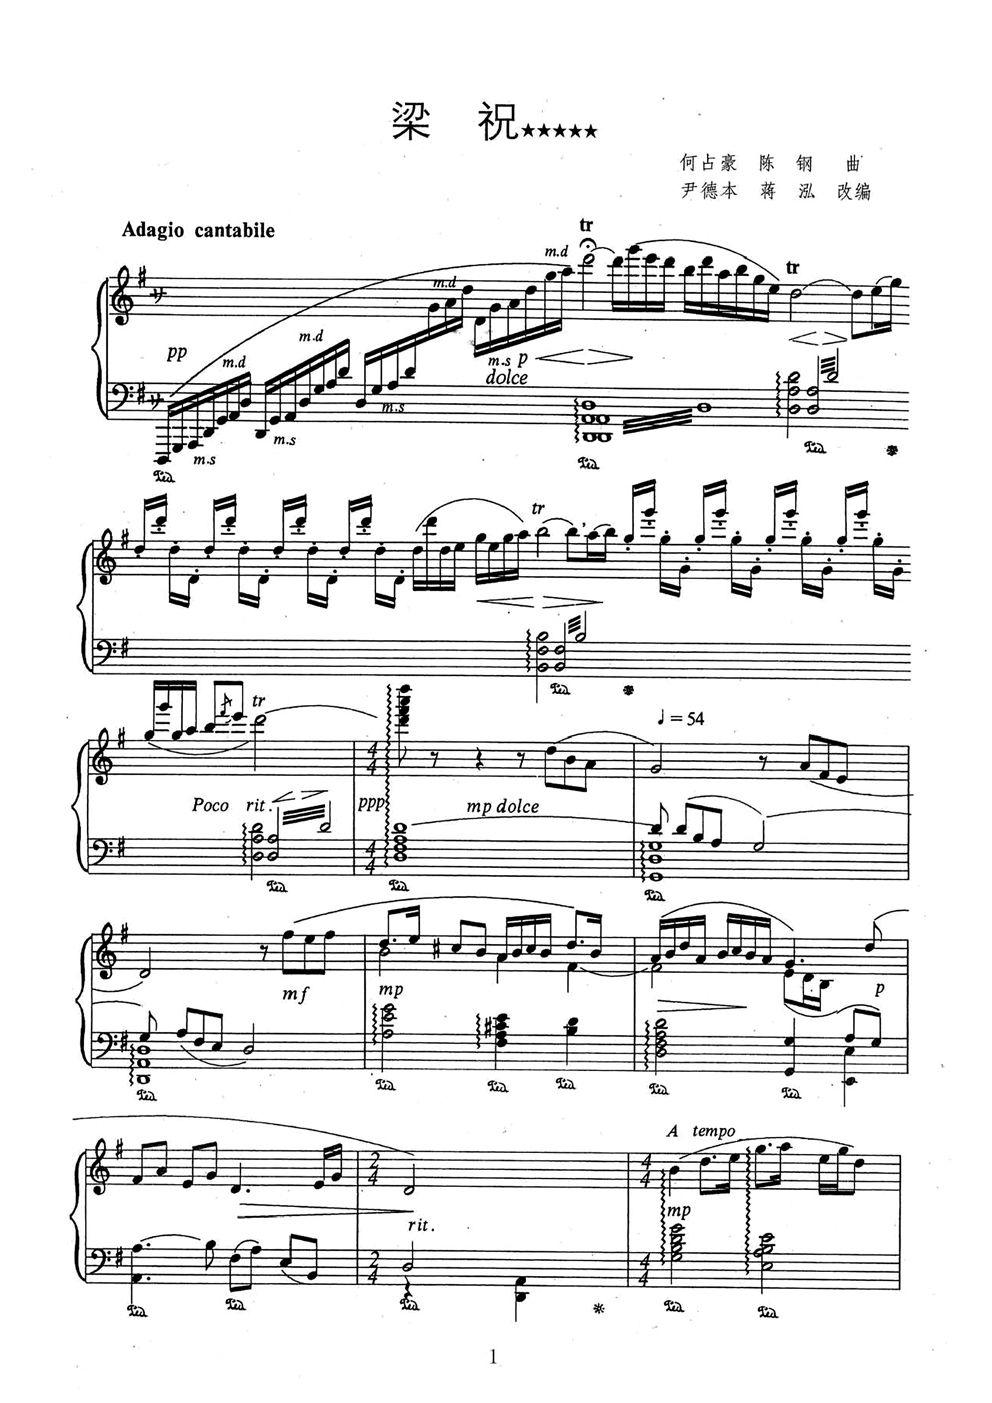 有钢琴梁祝的曲谱吗图片